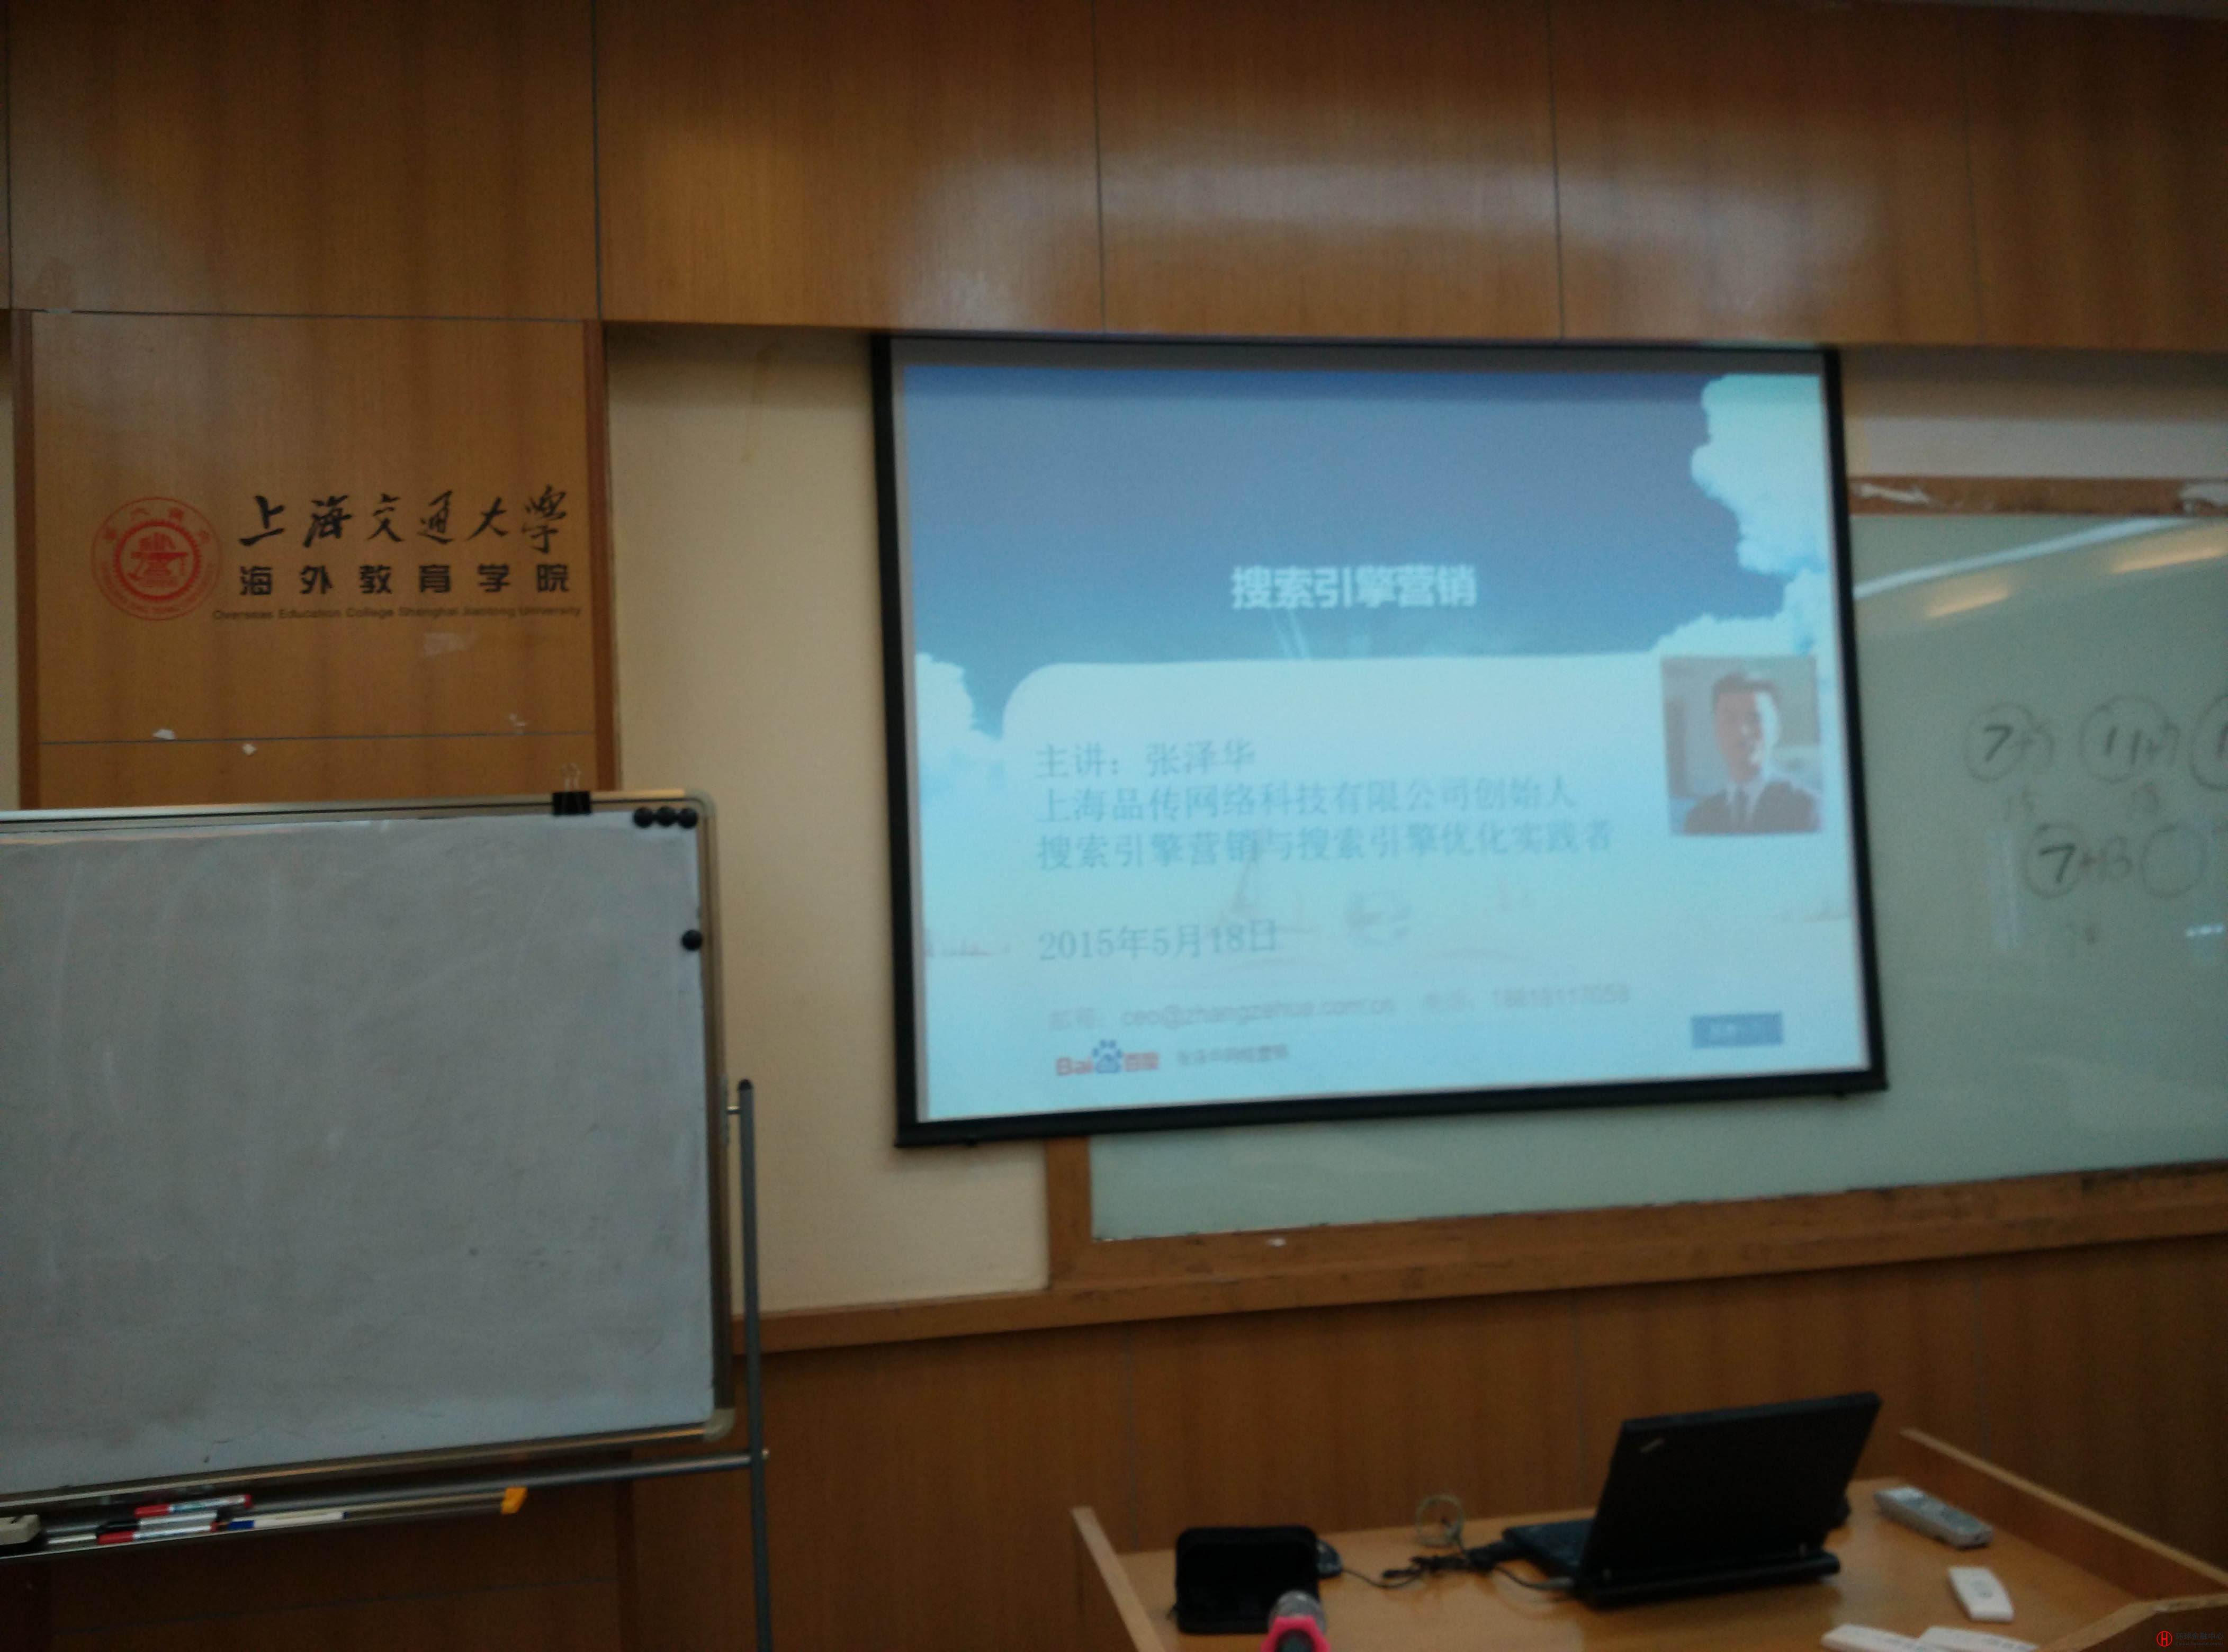 张泽华老师于上海交